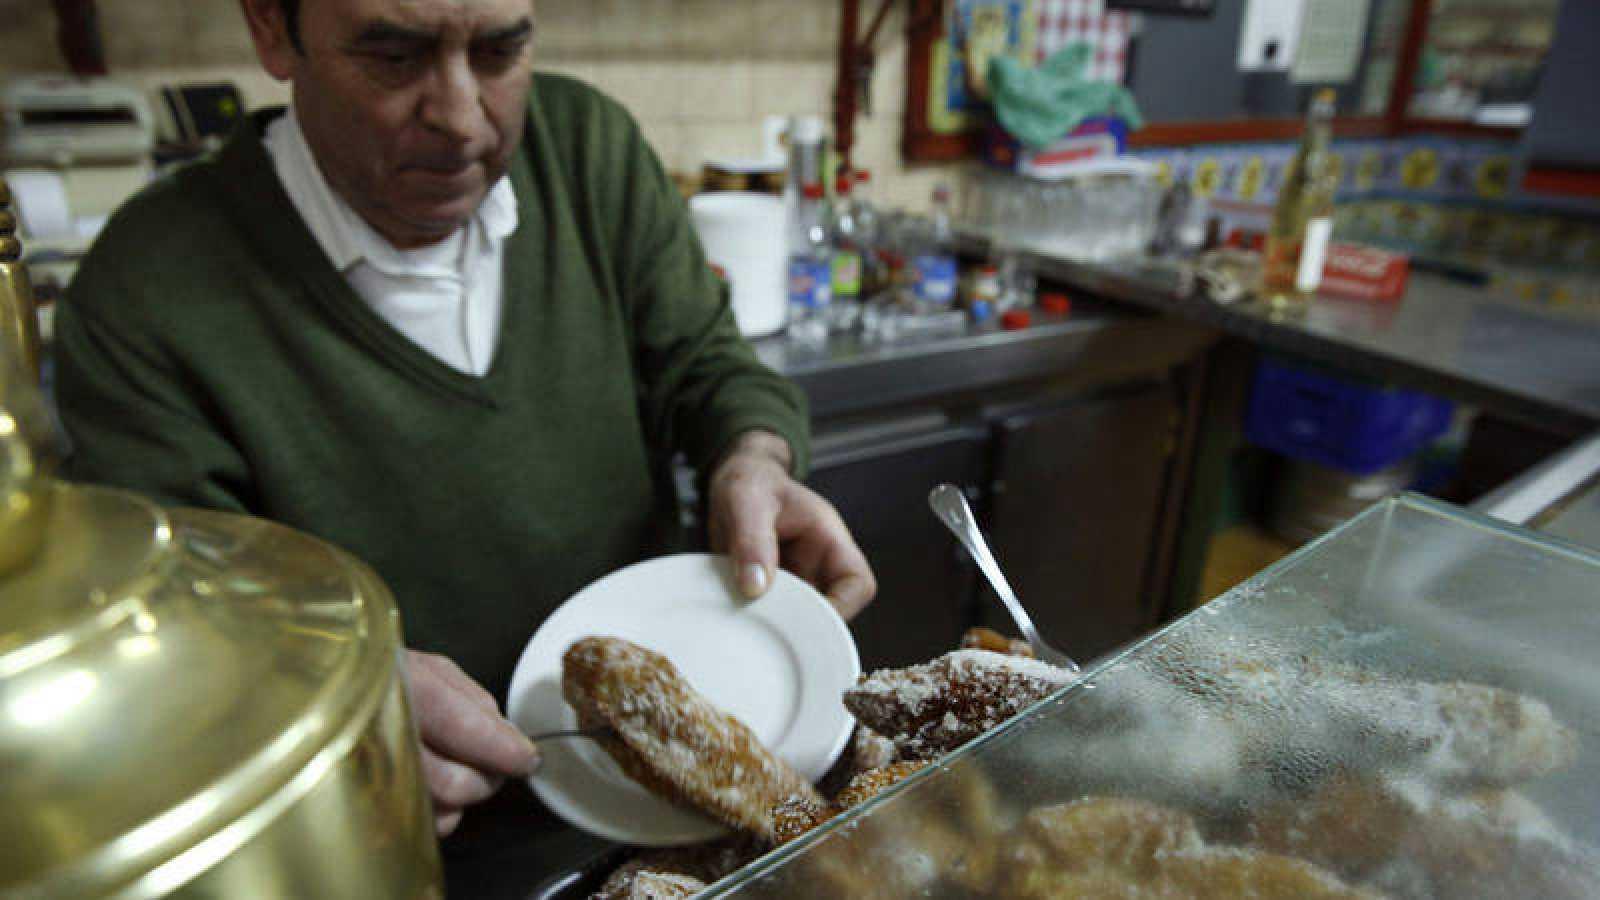 Un camarero sirve torrijas en un establecimiento del centro de Madrid